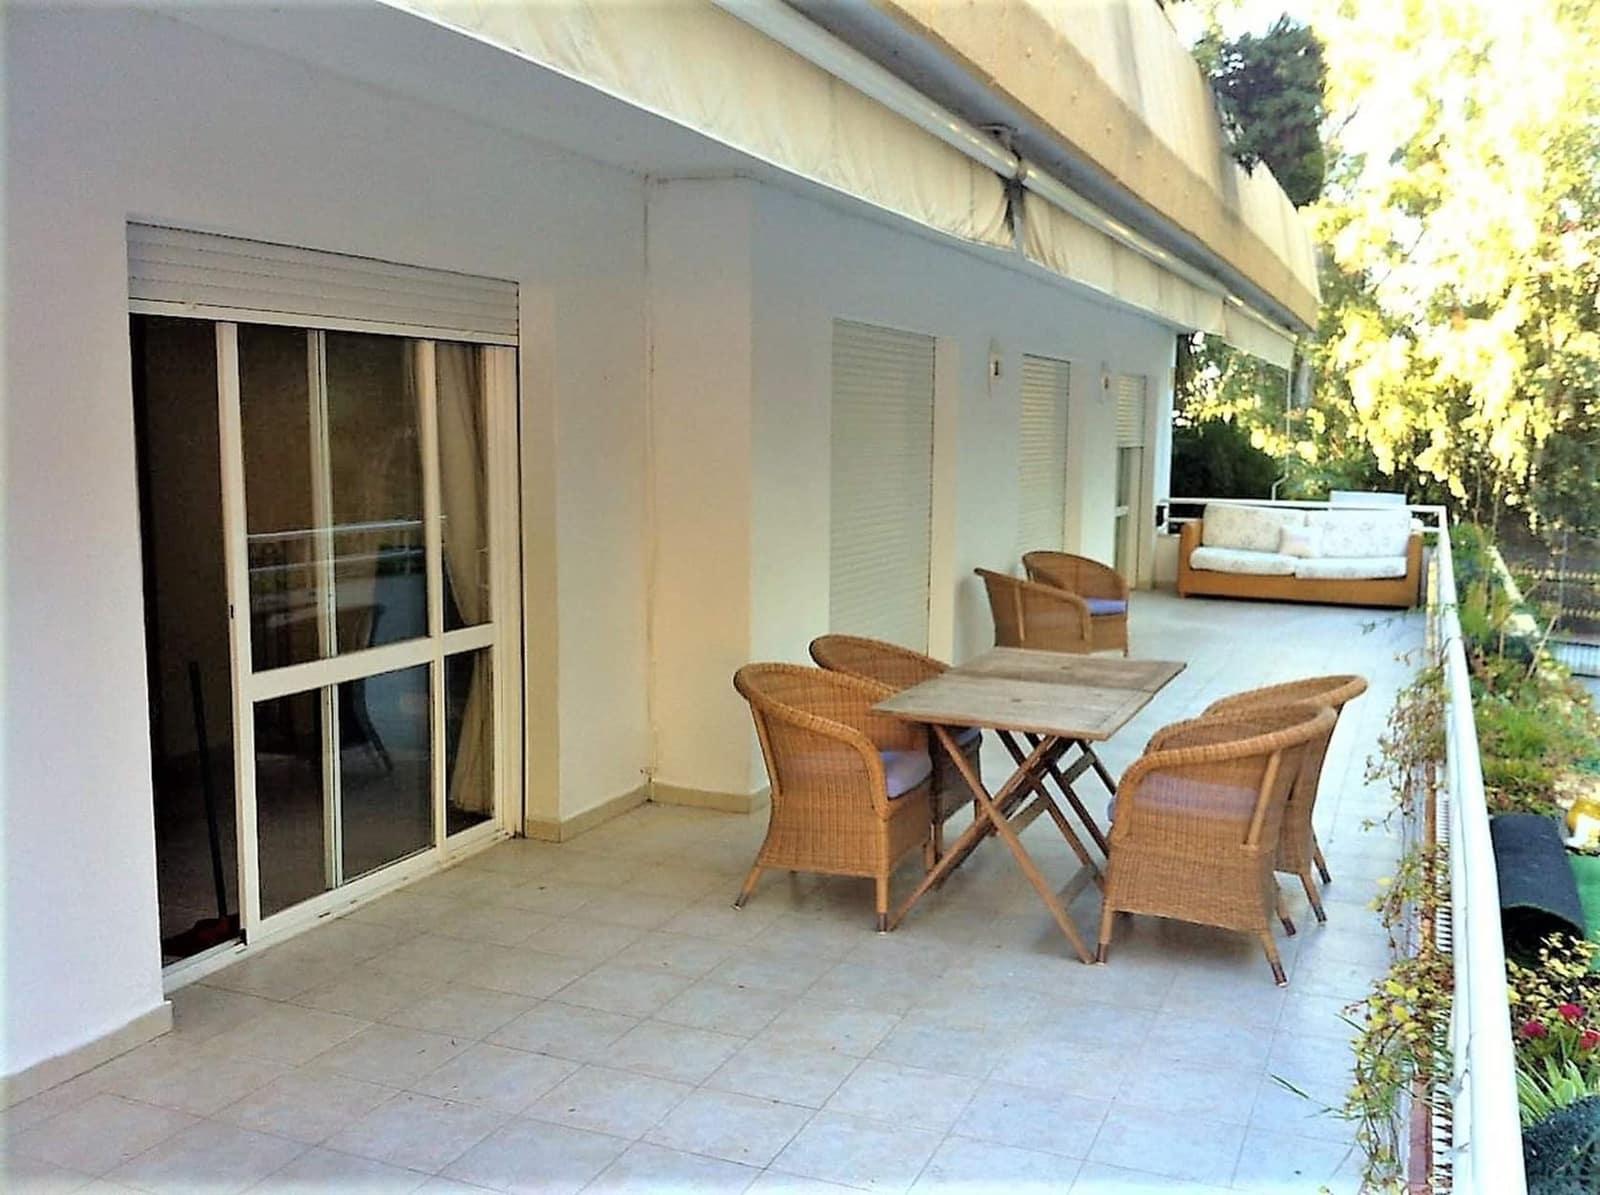 3 bedroom Apartment for sale in Benalmadena - € 250,000 (Ref: 4531766)